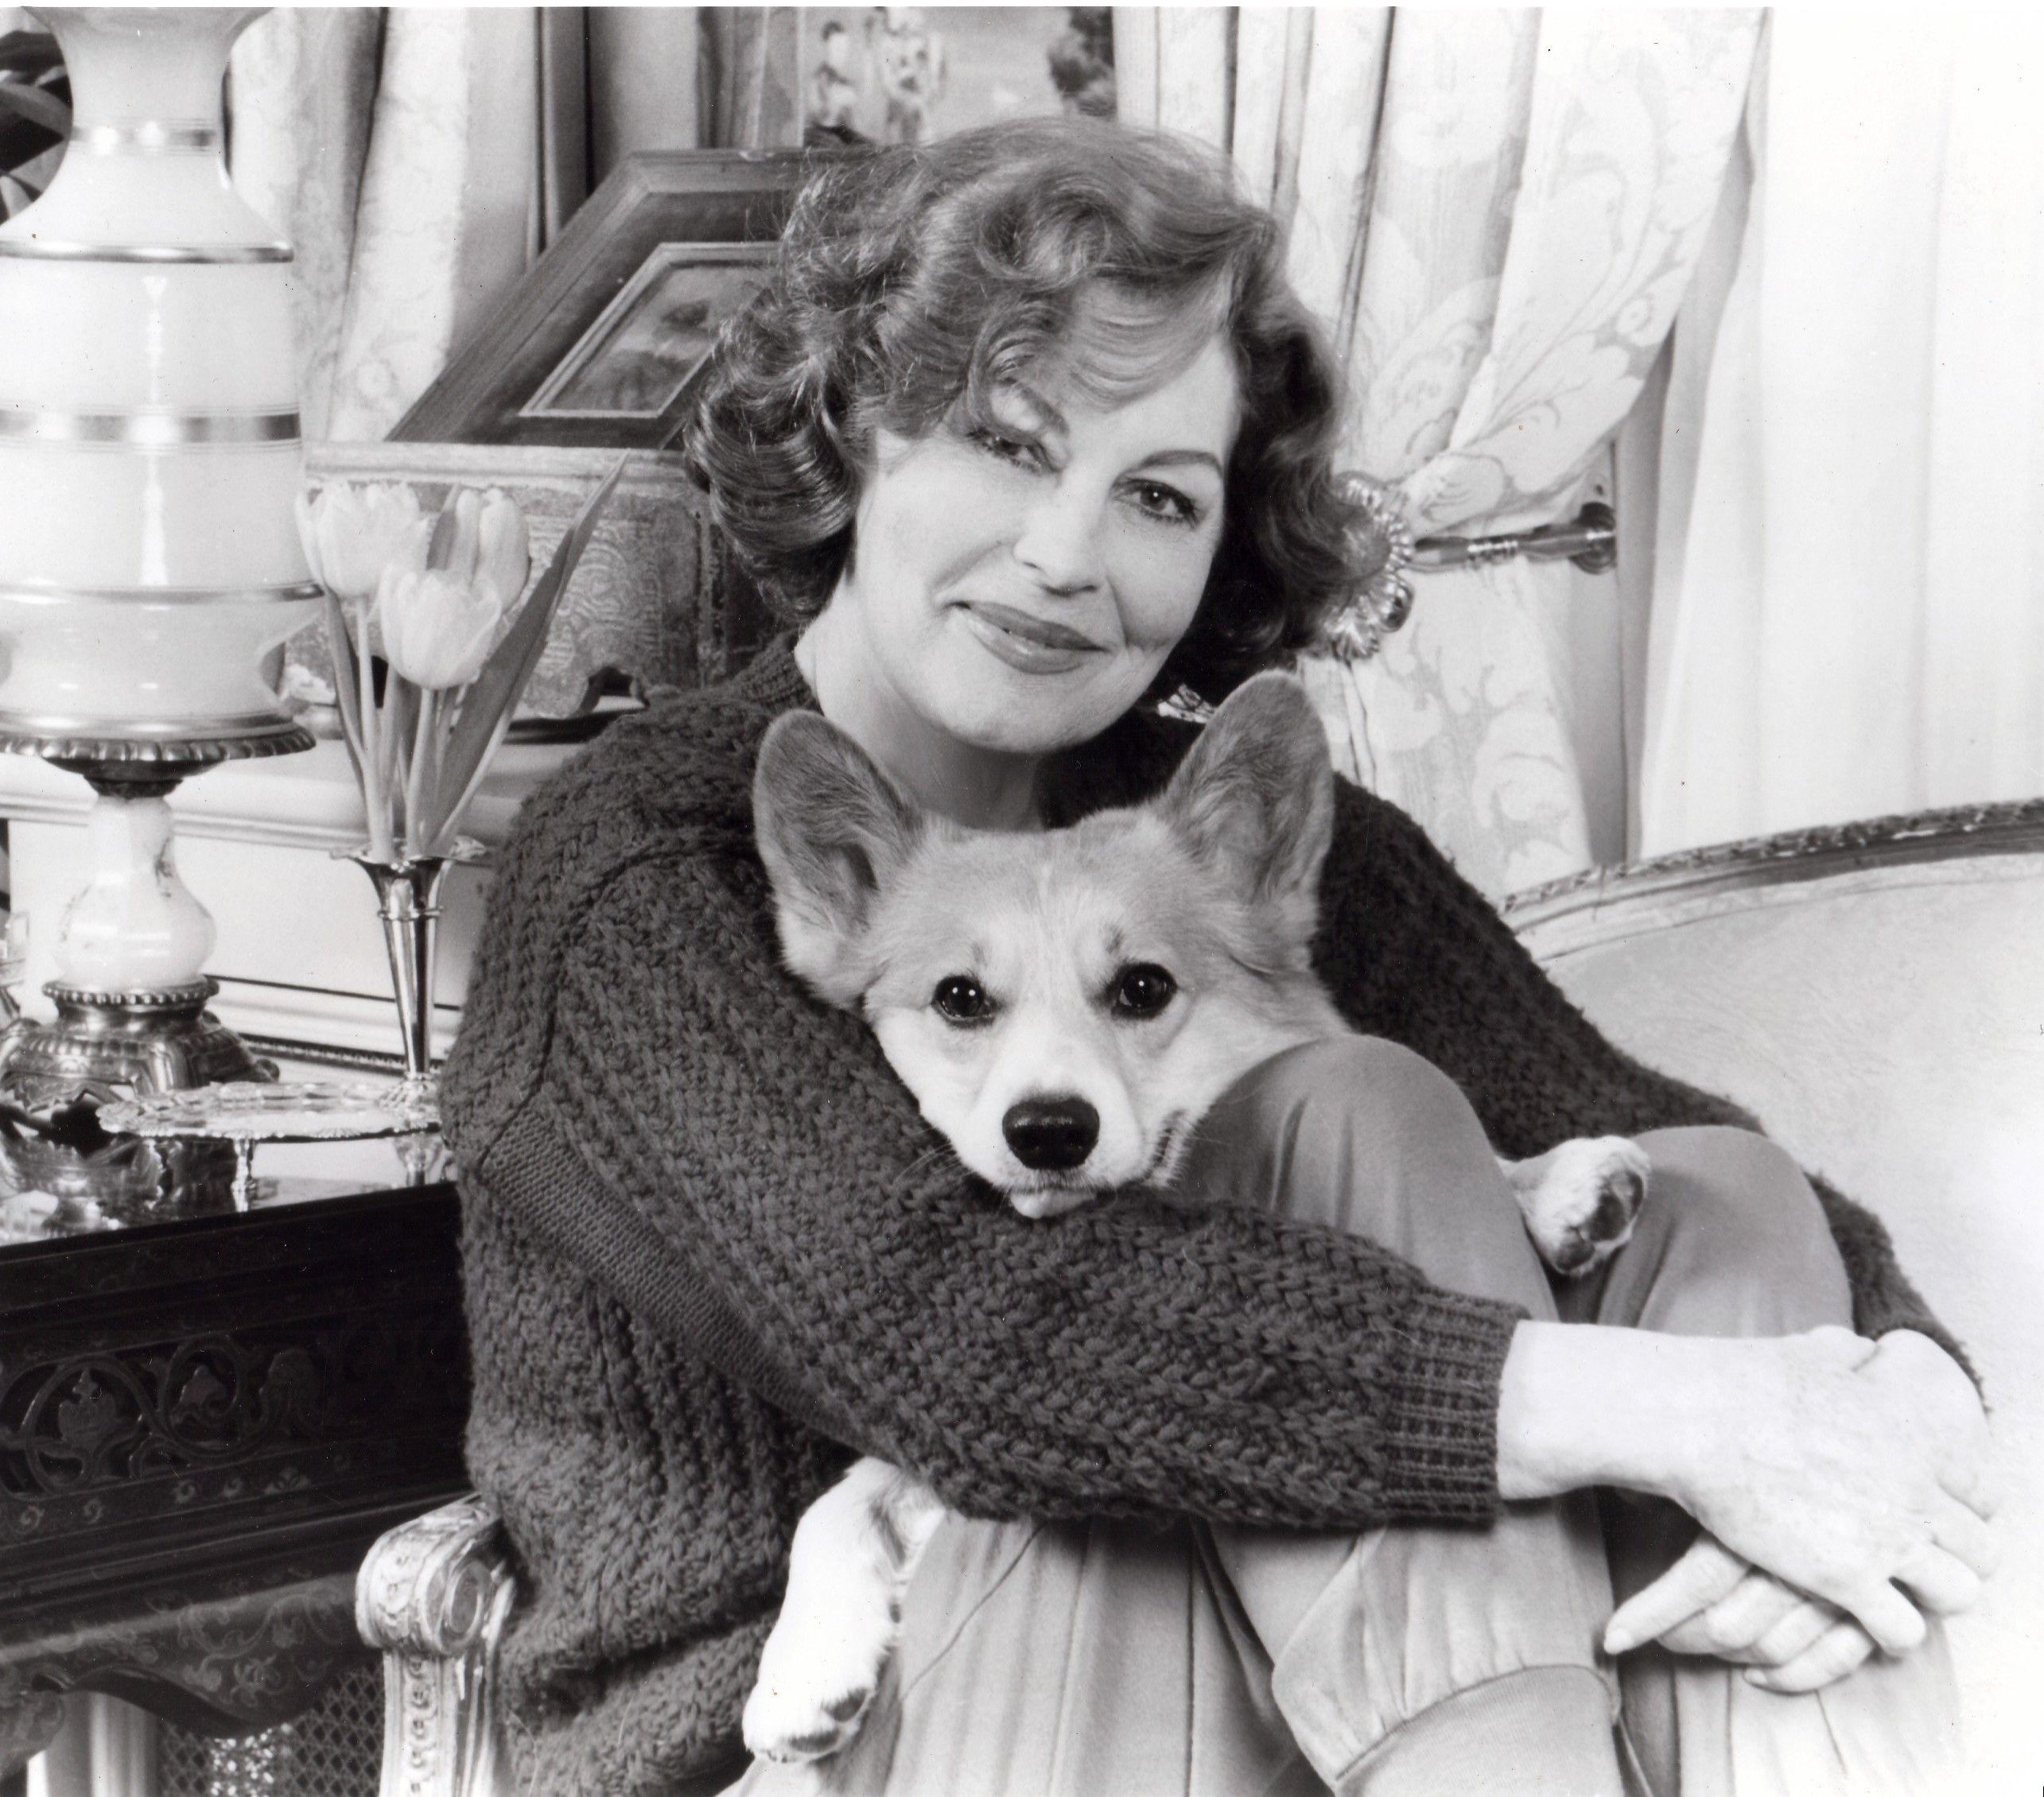 Ava Gardener and one of her corgis